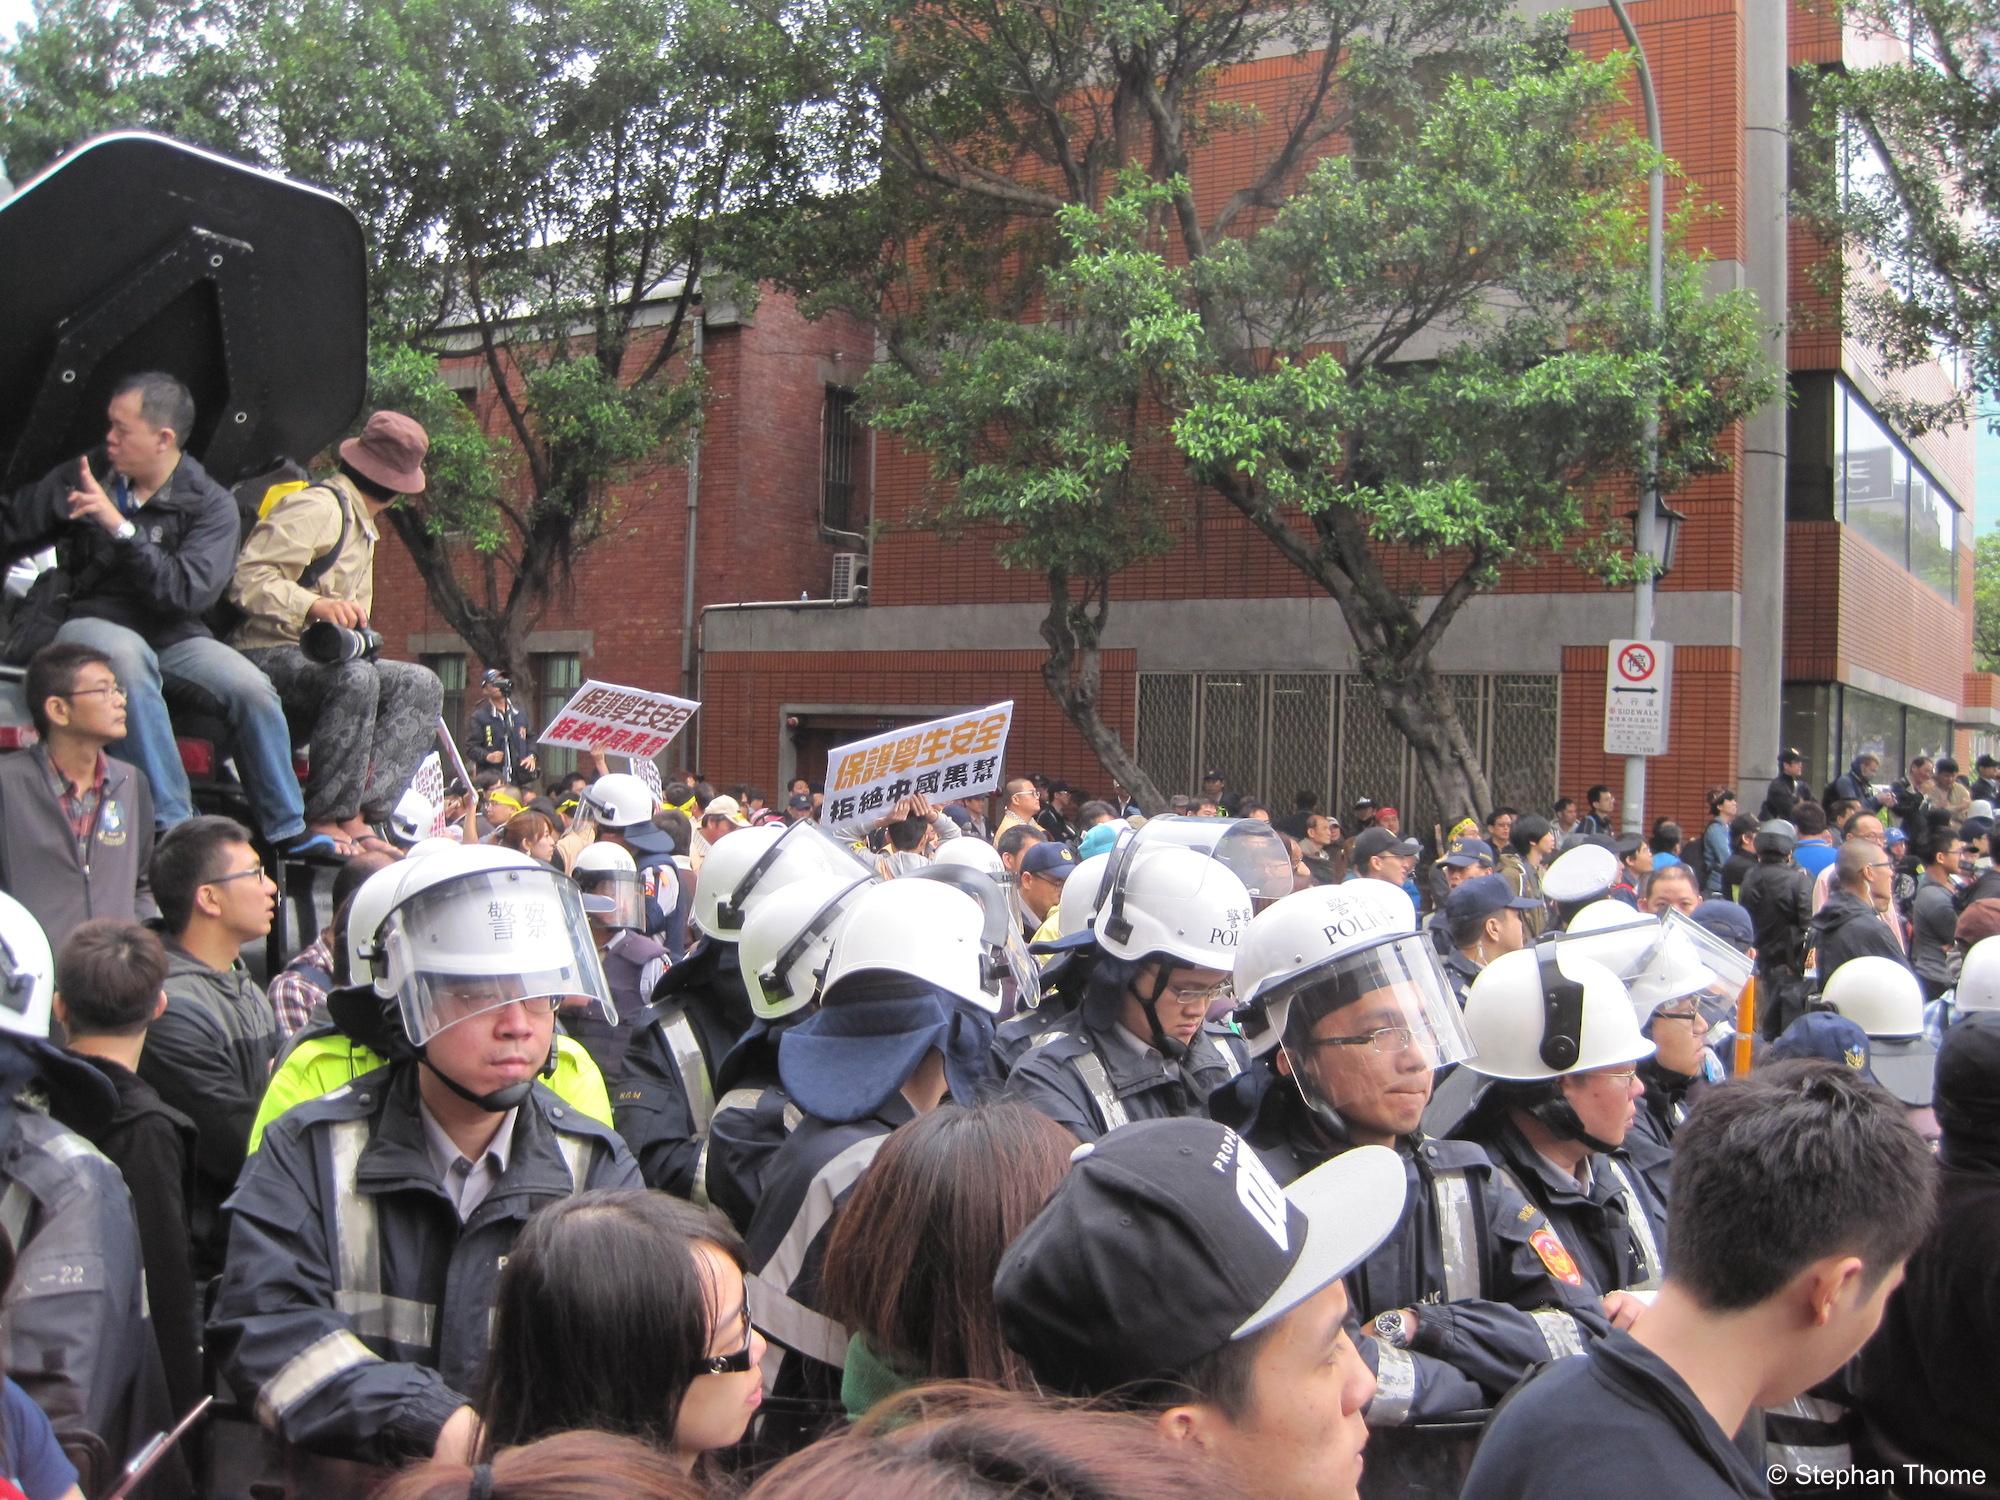 »Schützt die Studierenden« – eine Aufforderung an die massiv präsente Polizei.